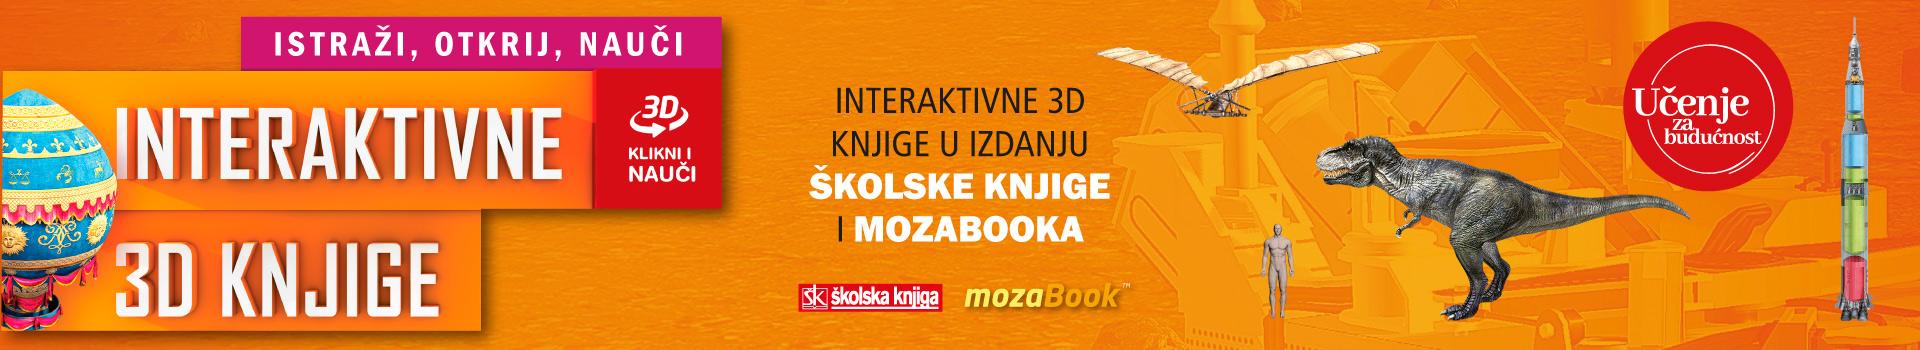 Interaktivne 3D knjige